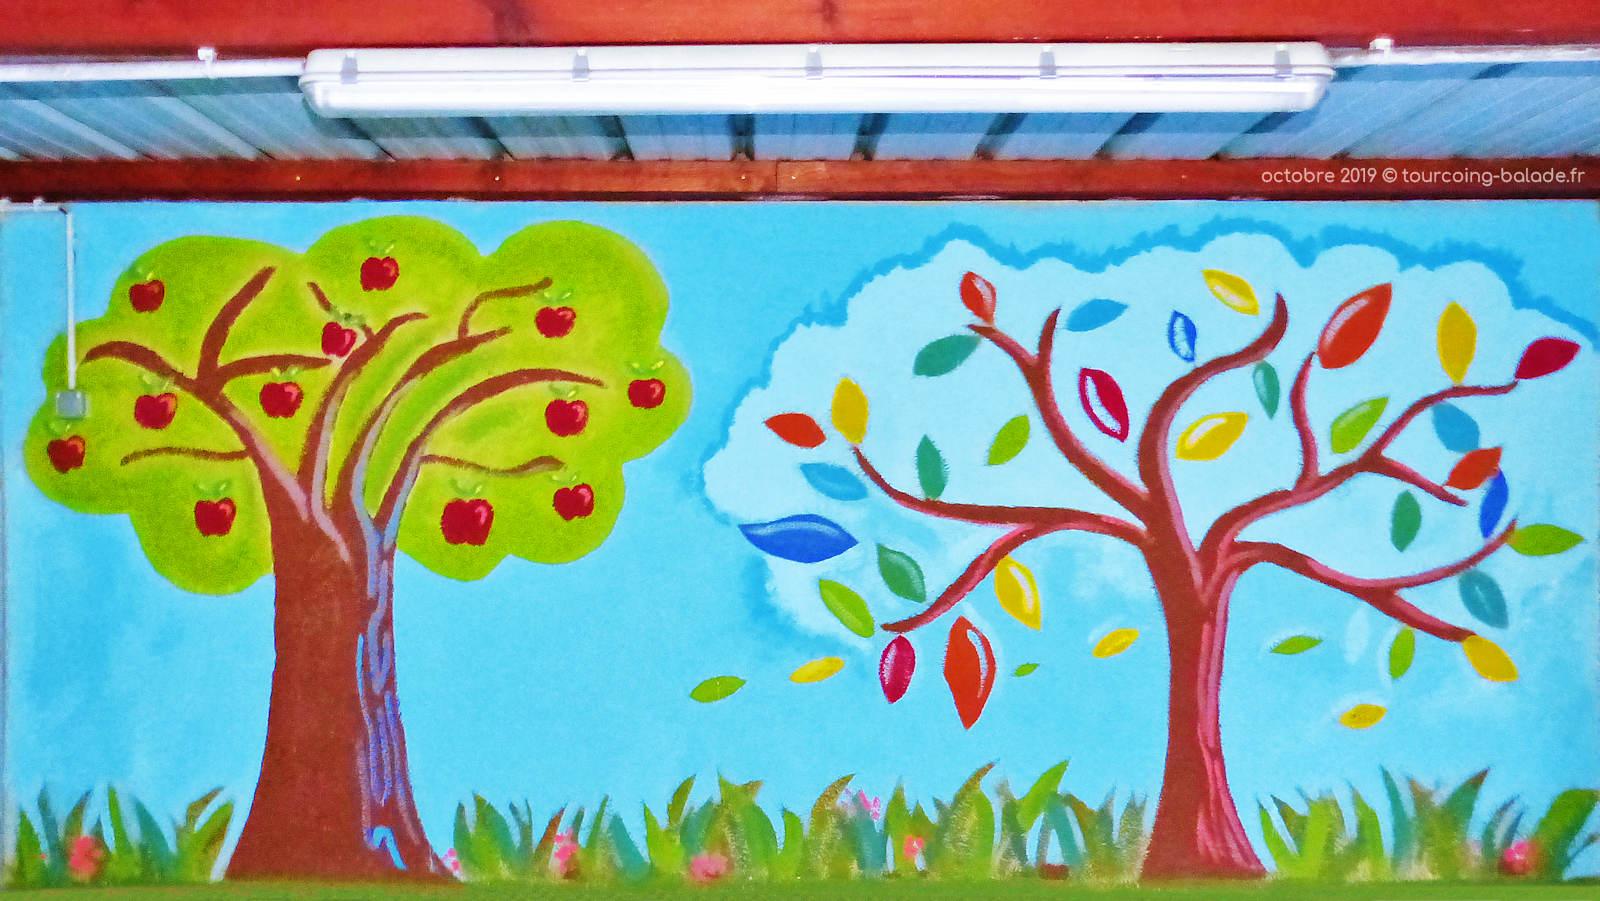 École primaire CNDI, Tourcoing - Fresque cour de récréation.